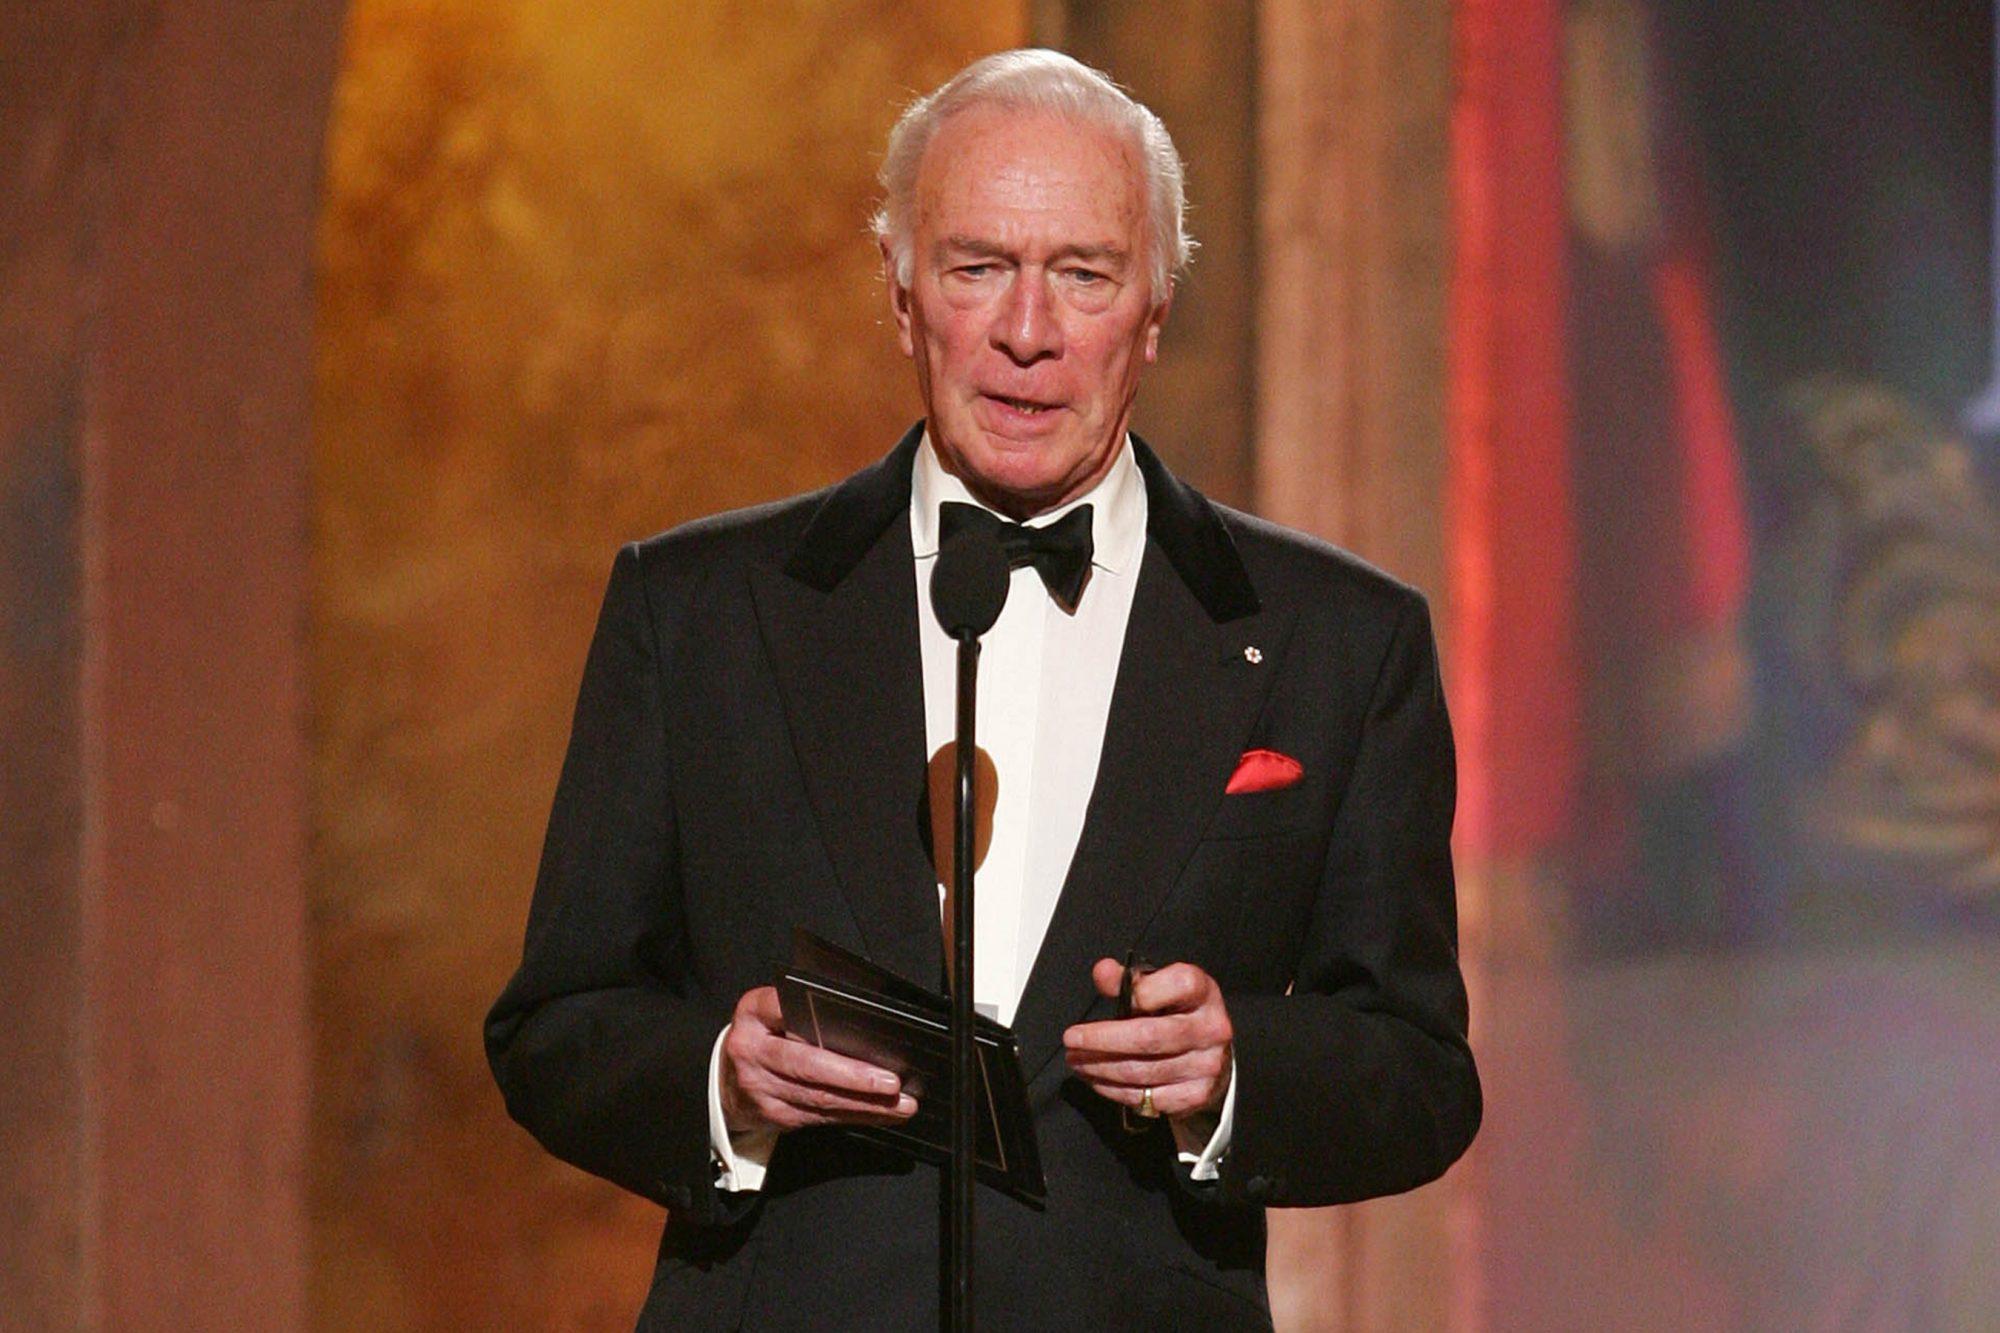 61st Annual Tony Awards At Radio City Music Hall - Show